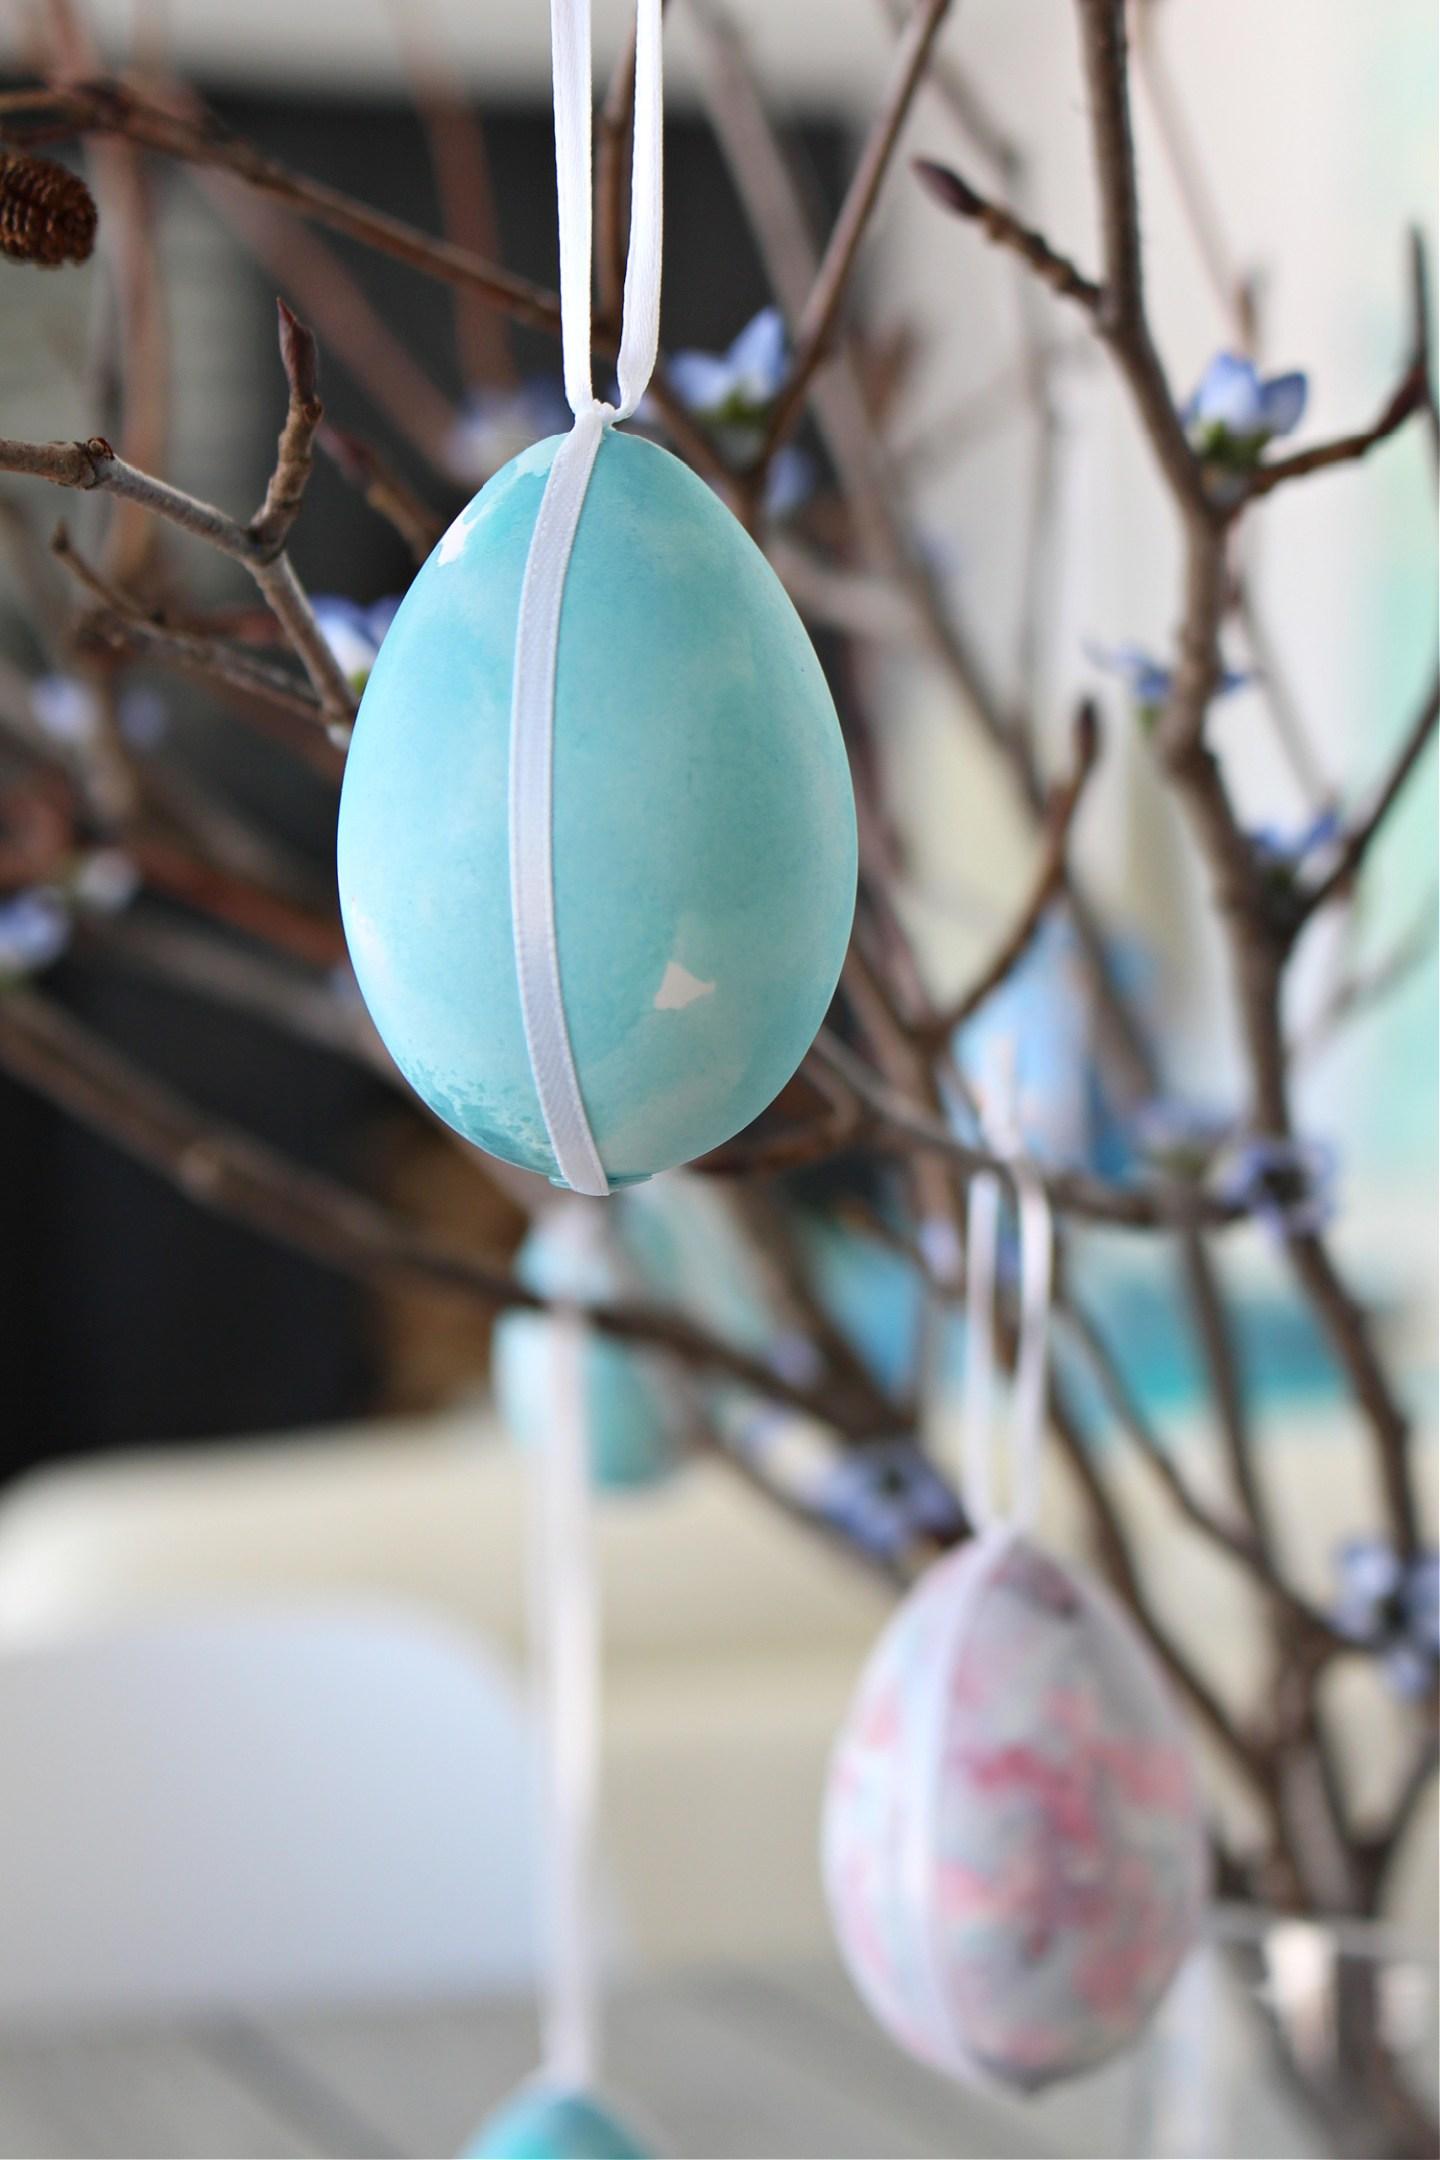 Turquoise Easter egg spring decor